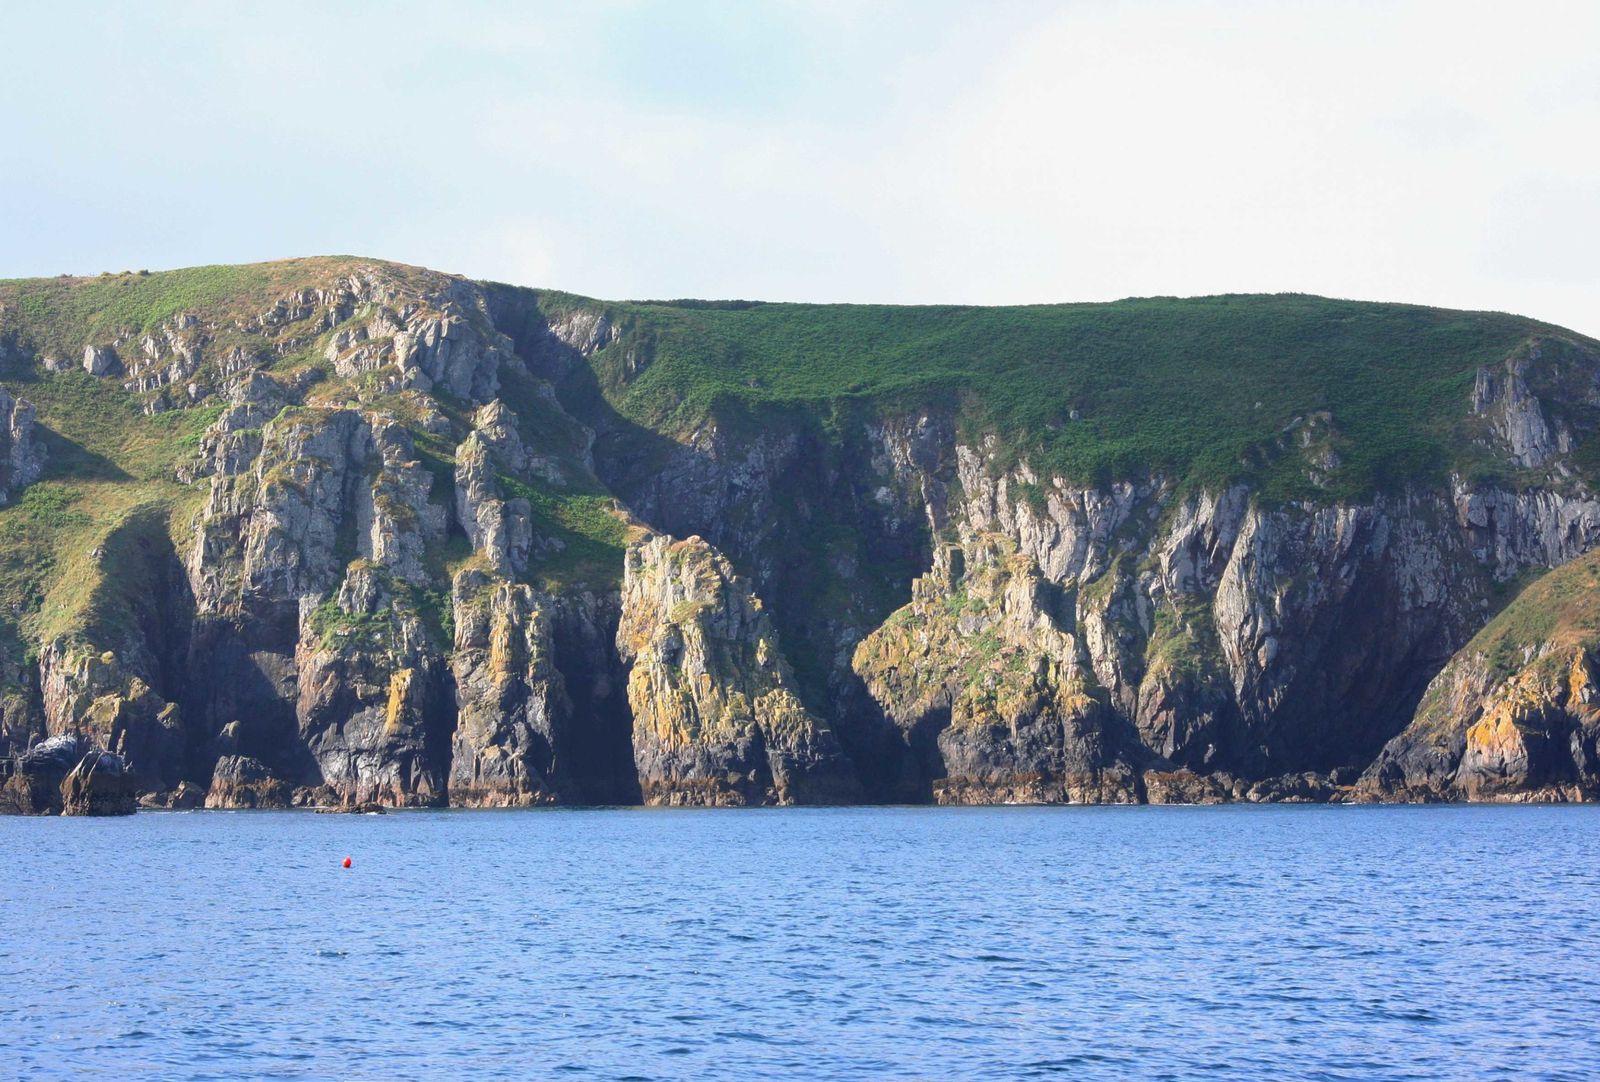 - Après Pors Kanape abri-côtier très peu fréquenté de nos jours... (photo du haut), en pratiquant la navigation côtière, en baie de Douarnenez, on découvre Porzh Loëdec en longeant la côte de Goulien,  faisant route vers la pointe de Penharn.